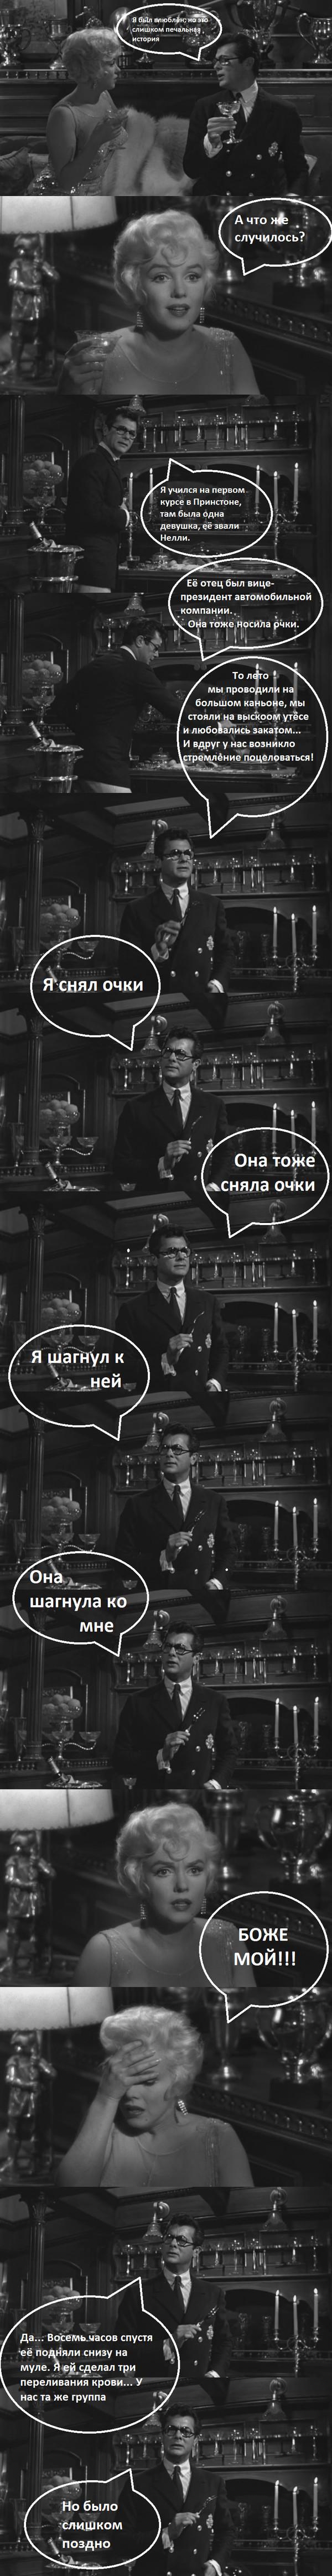 Дамы и господа носящие очки! Не снимайте их, если у вас возникло стремление поцеловаться! Фильмы, Раскадровка, В джазе только девушки, Поцелуй, Очки, Длиннопост, Шутка, Юмор